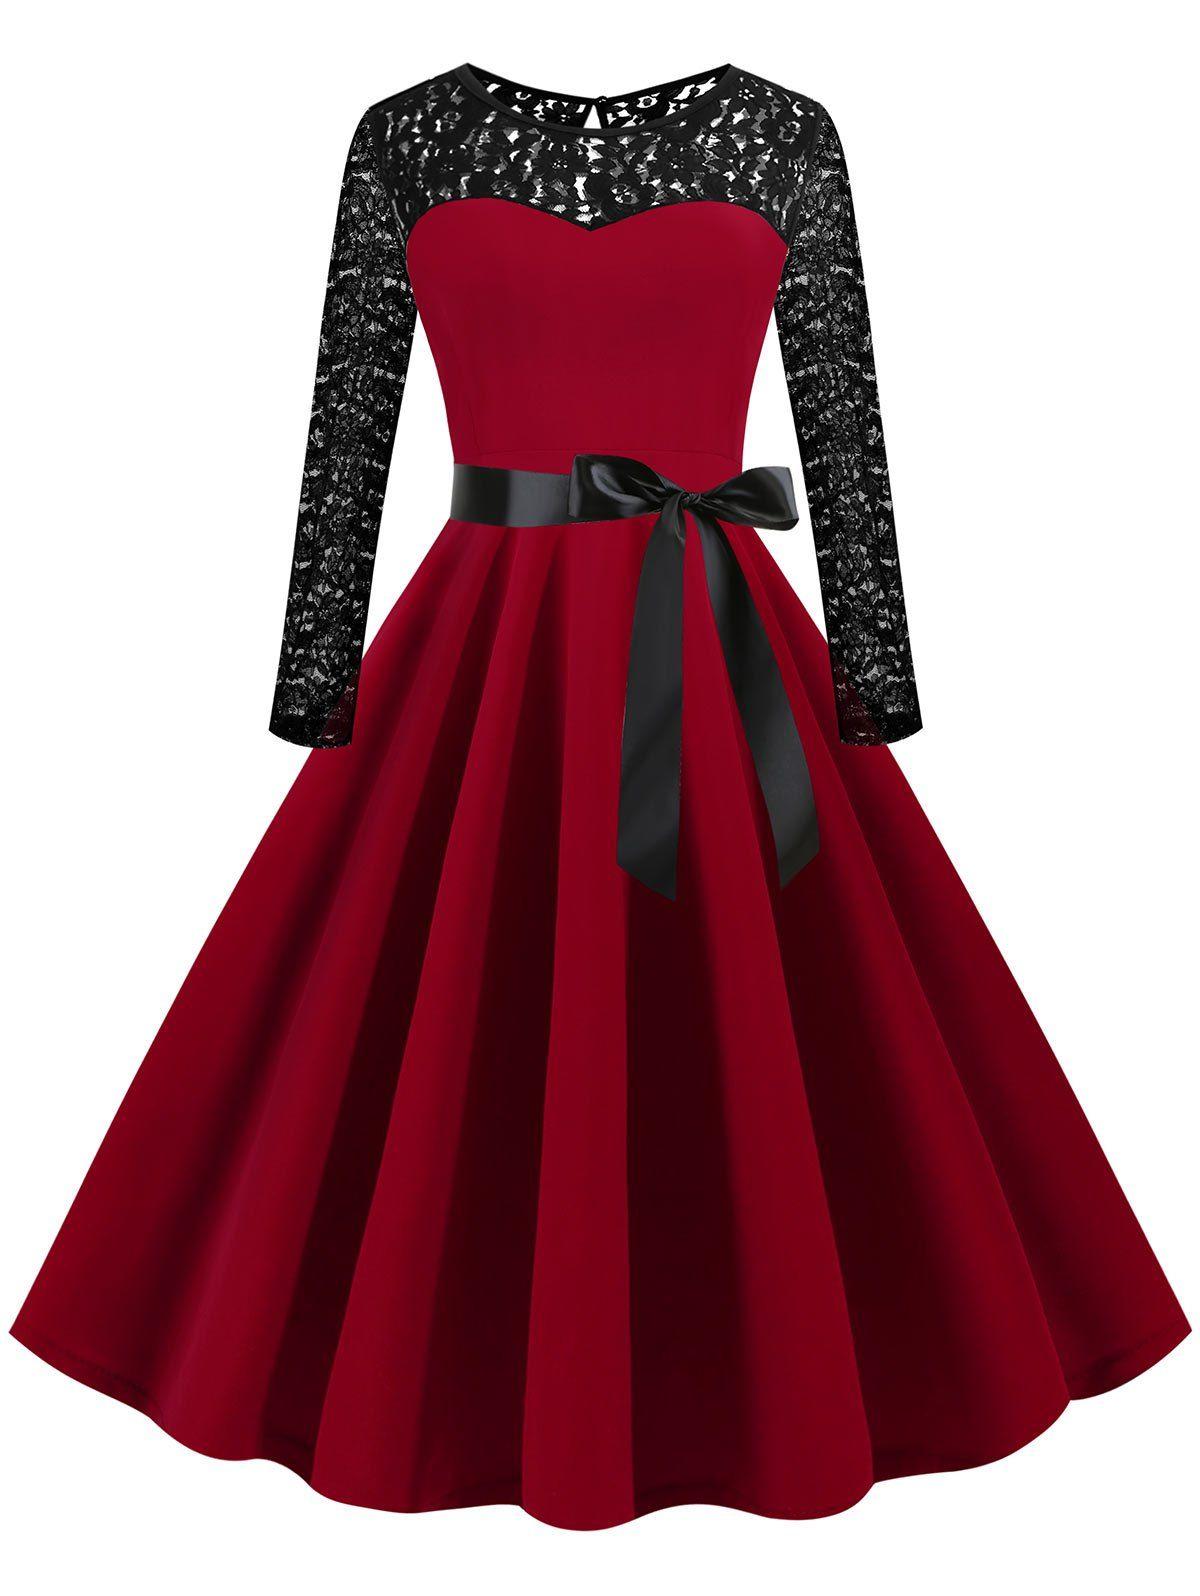 Lace Panel Long Sleeve Plus Size Vintage Dress Long Sleeve Vintage Dresses Vintage Dresses Plus Size Vintage Dresses [ 1596 x 1200 Pixel ]